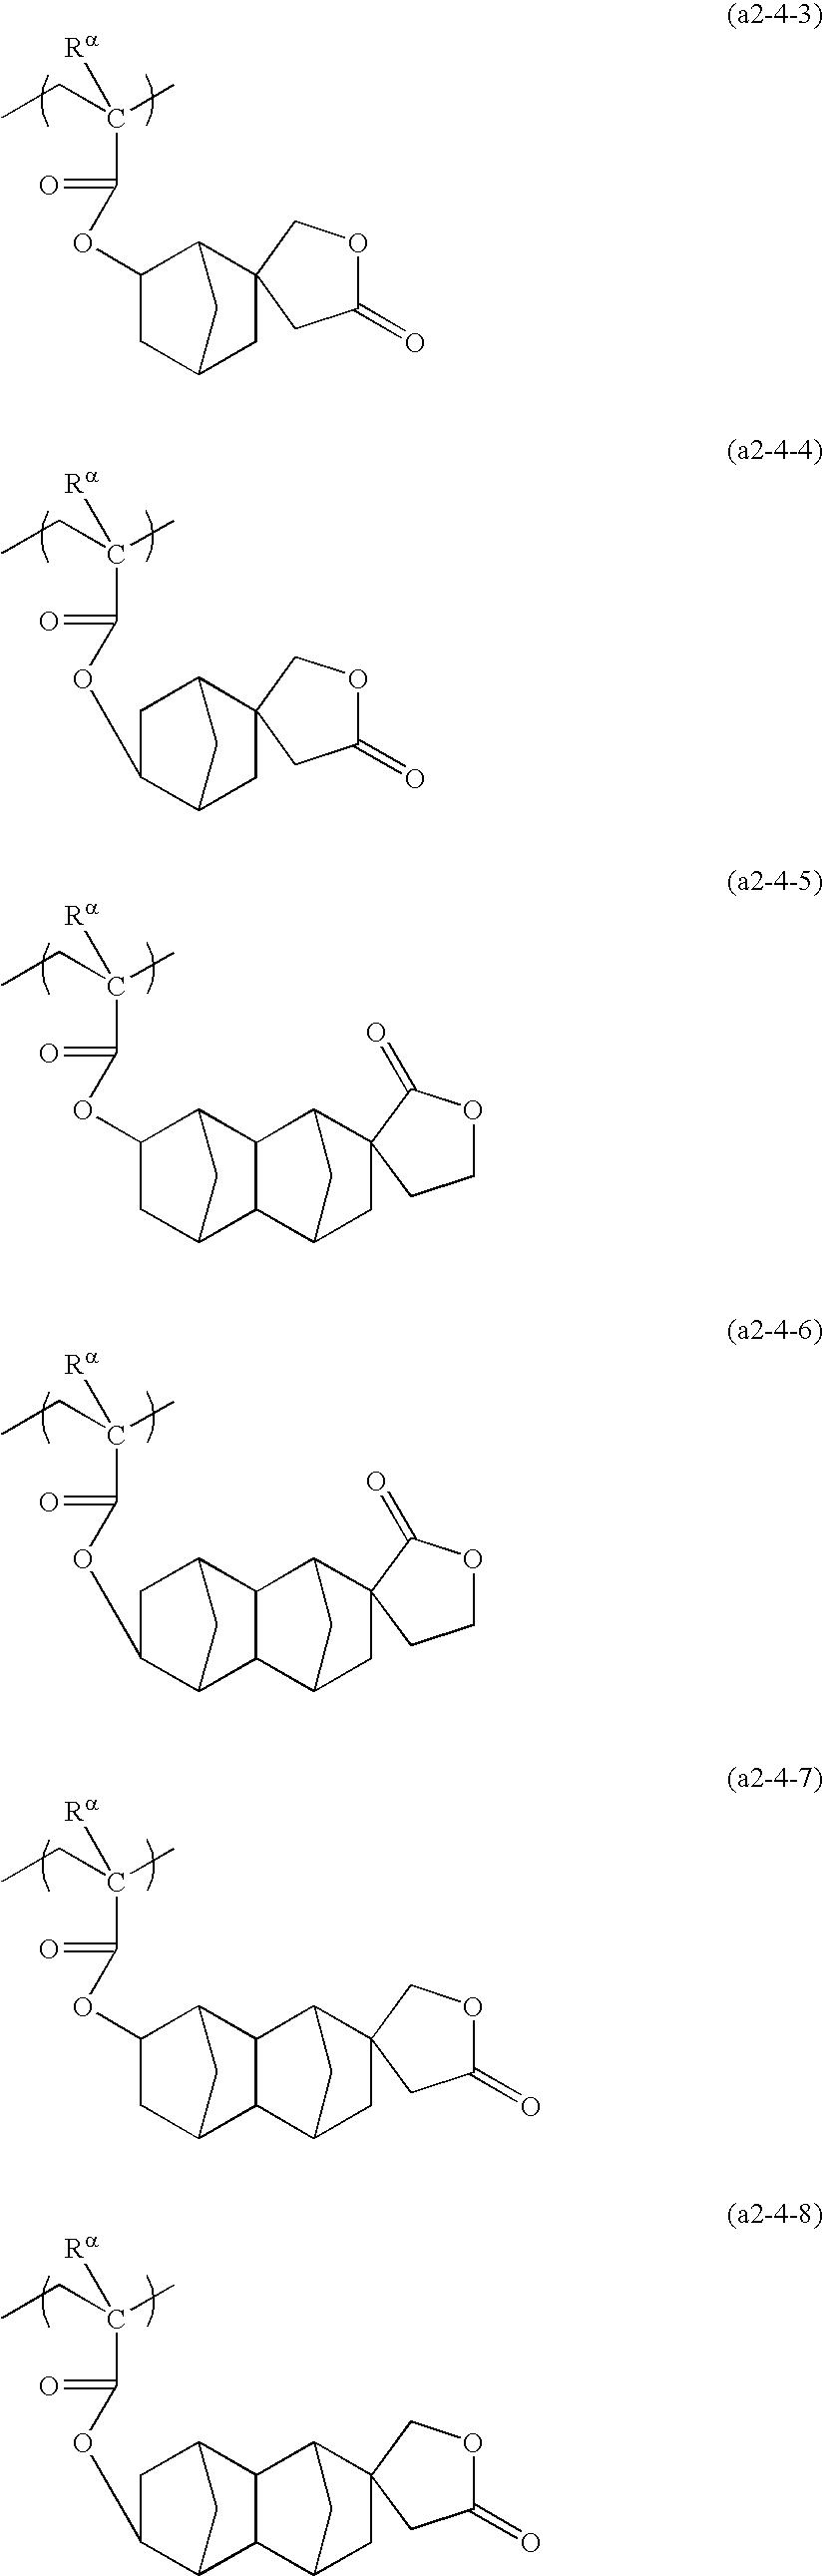 Figure US20100196821A1-20100805-C00075